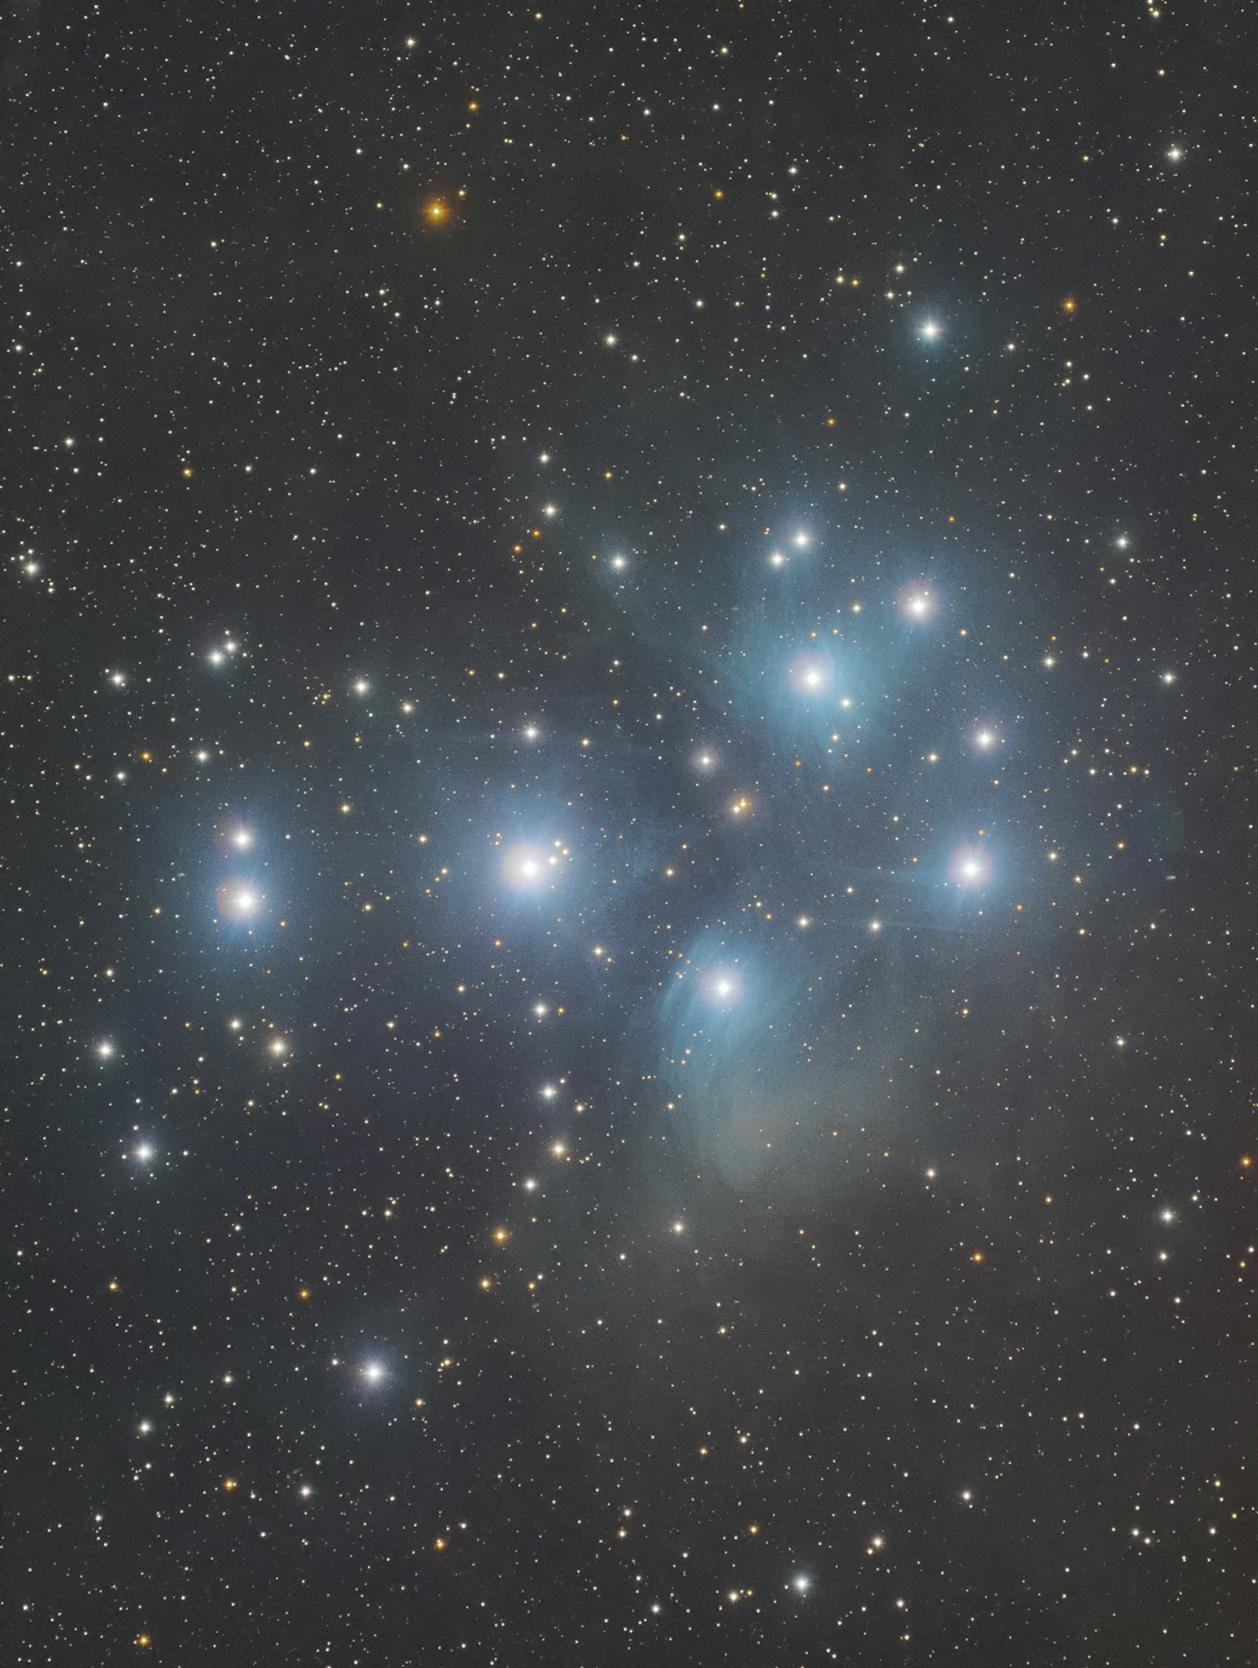 M45-lrgb11-02.jpg